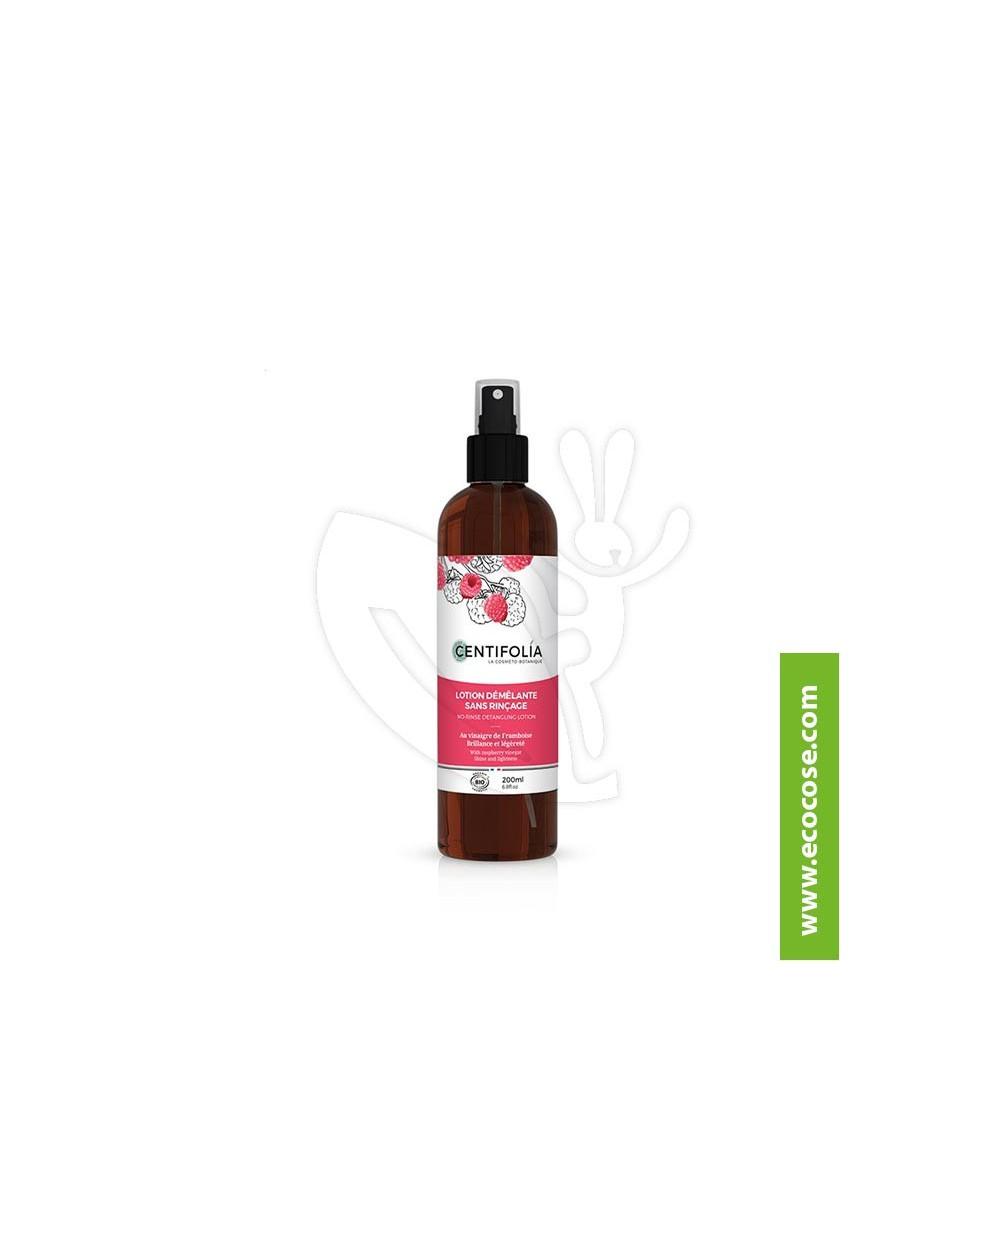 Centifolia - Balsamo spray senza risciacquo